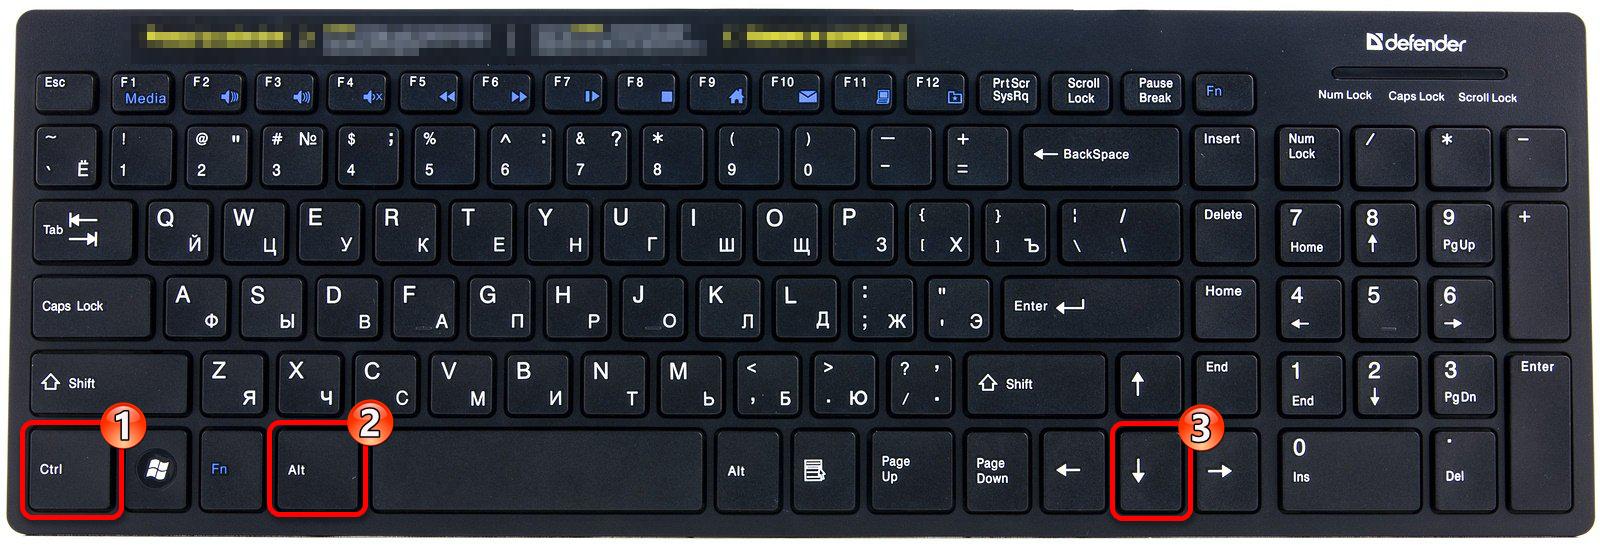 Сочетание клавиш для поворота ориентации экрана вниз в Виндовс 10